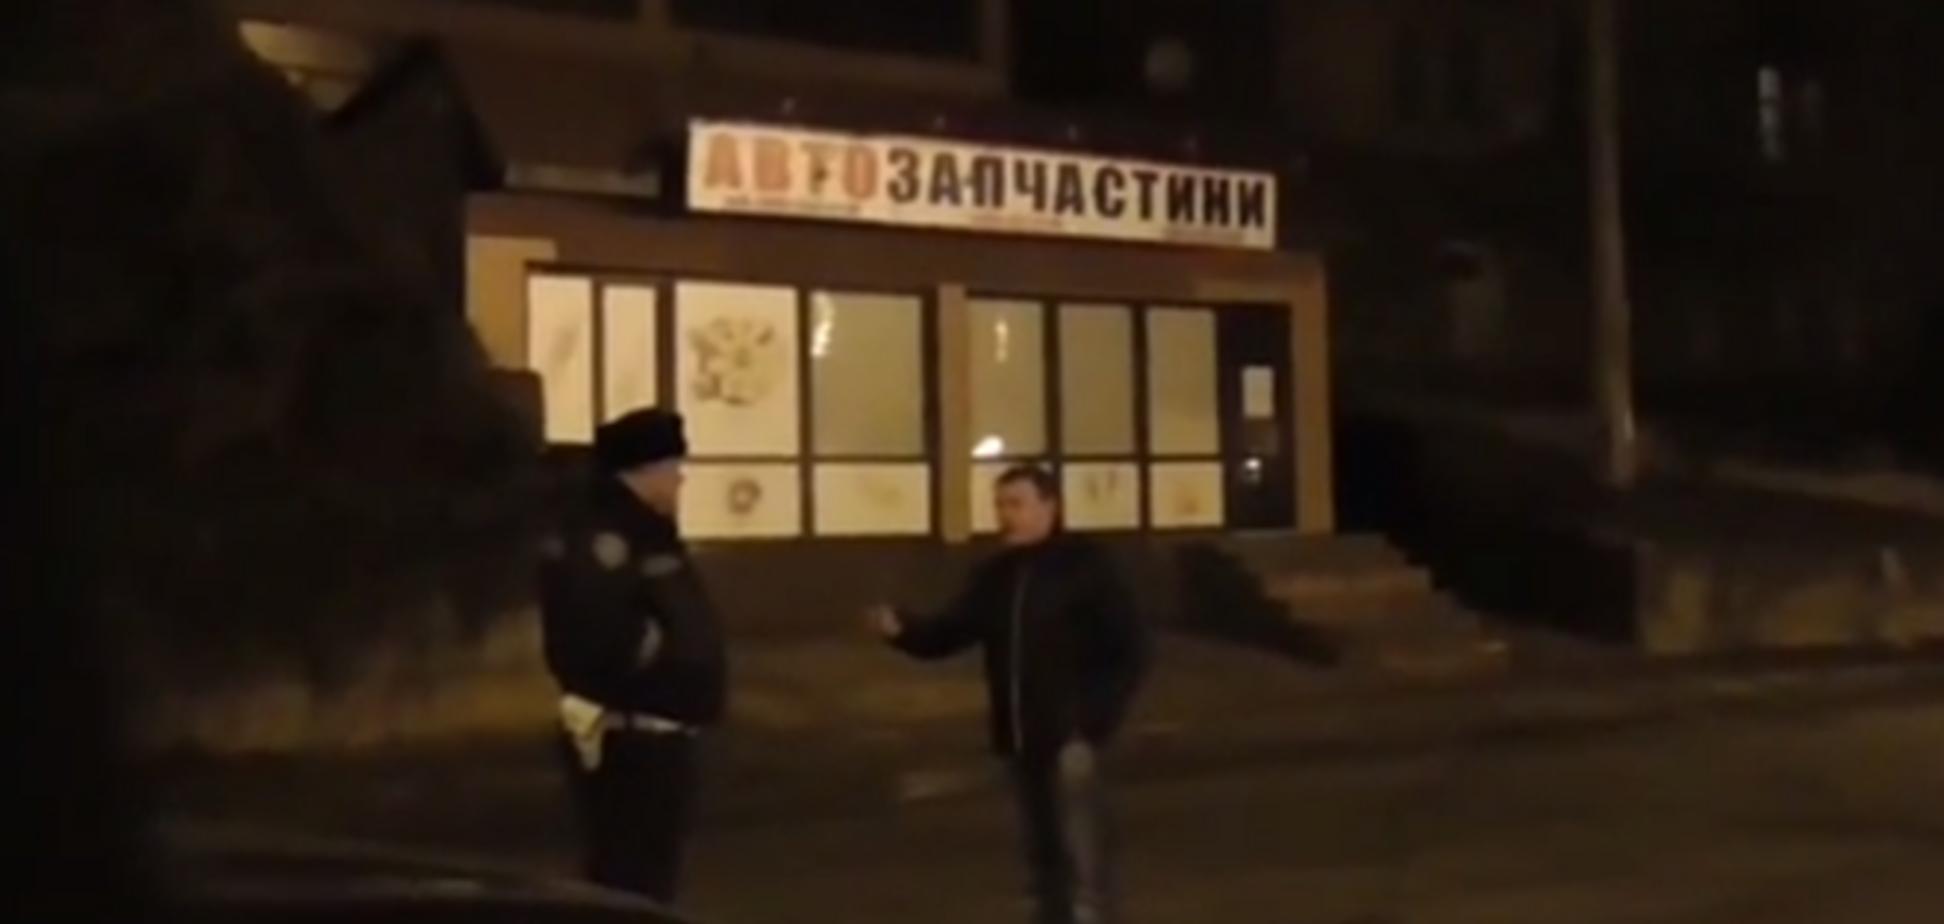 На Киевщине пьяный судья угрожал застрелить человека в присутствии ГАИ: видеофакт